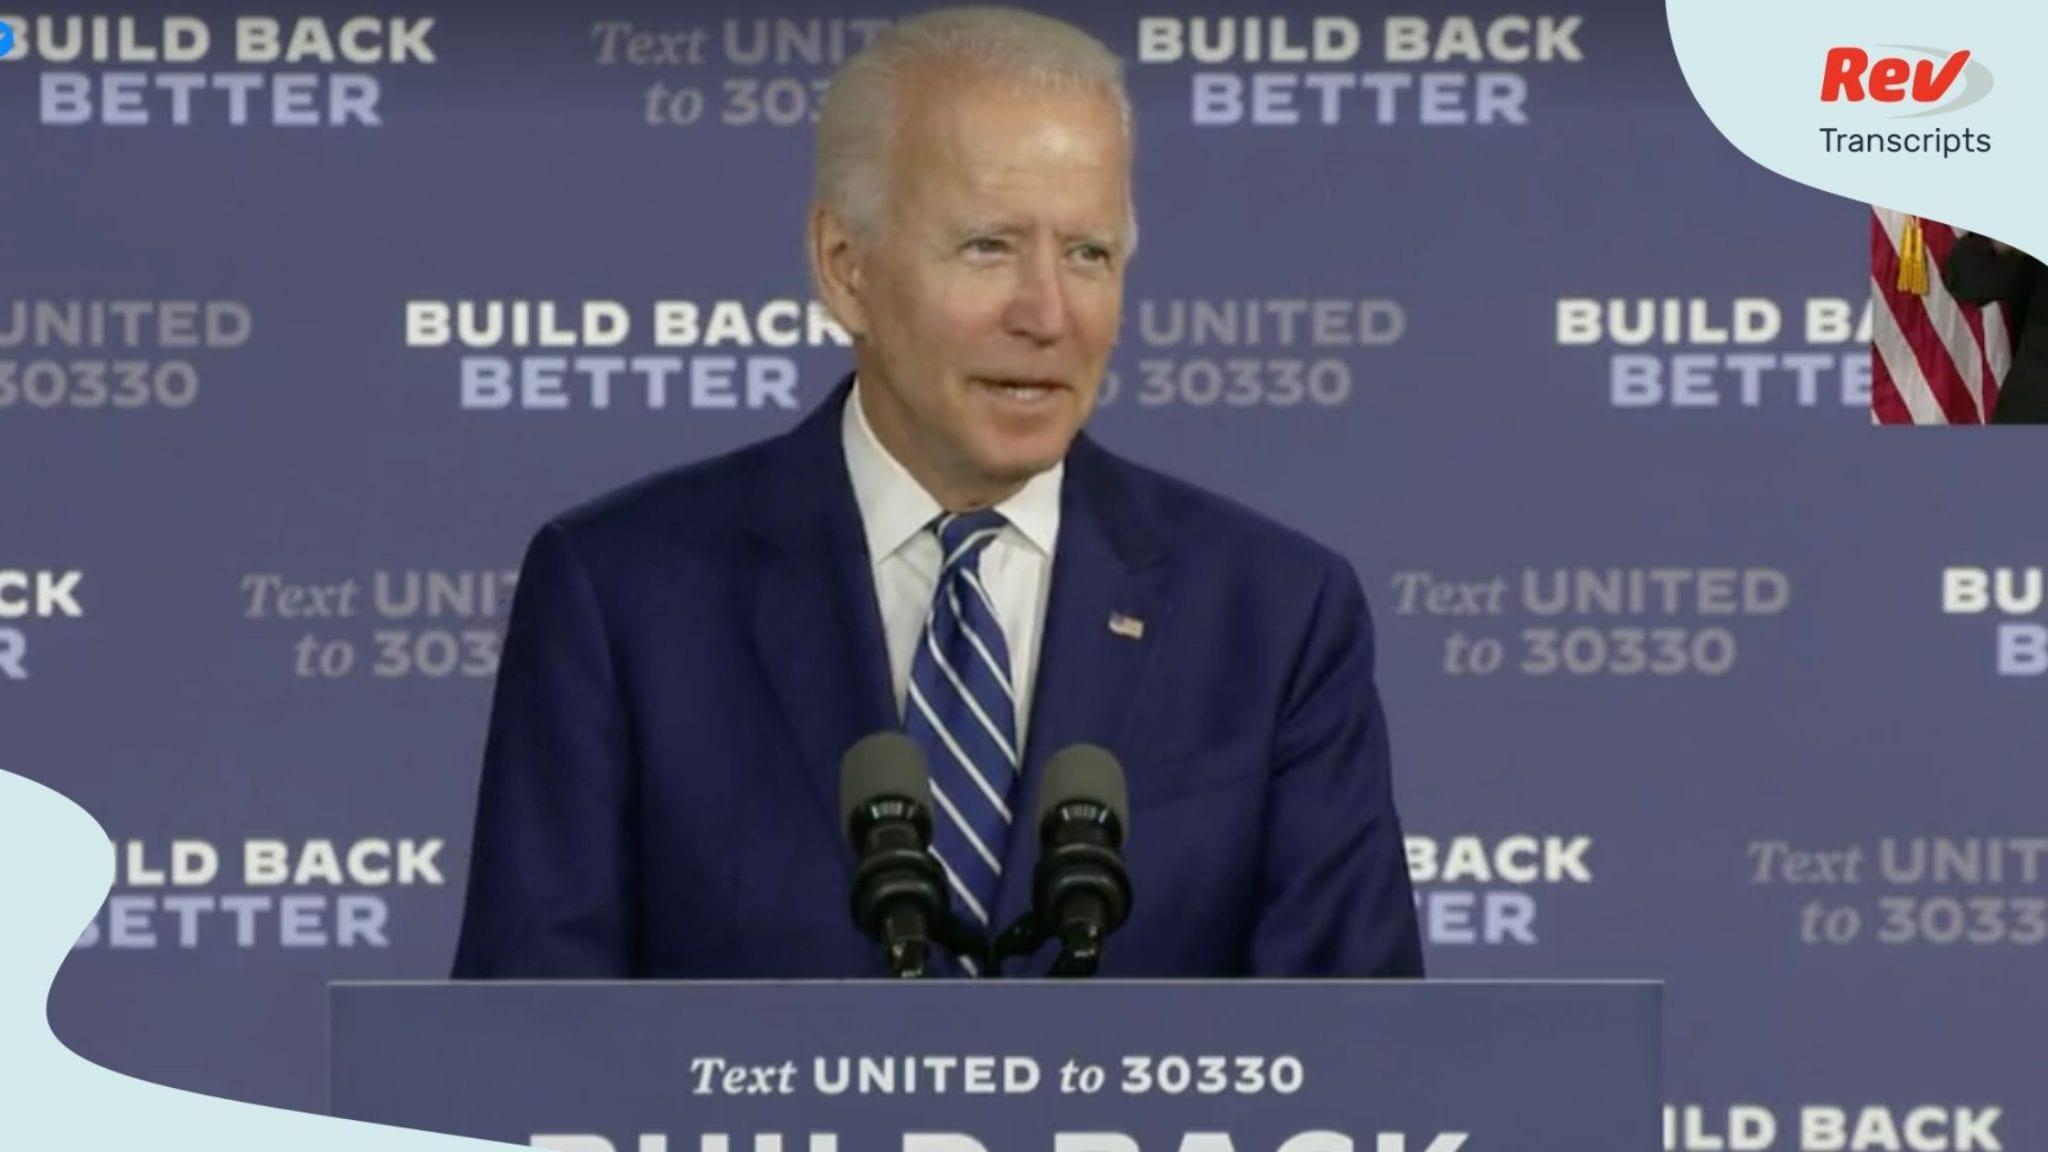 Joe Biden announced his caregiving plan in a speech July 21